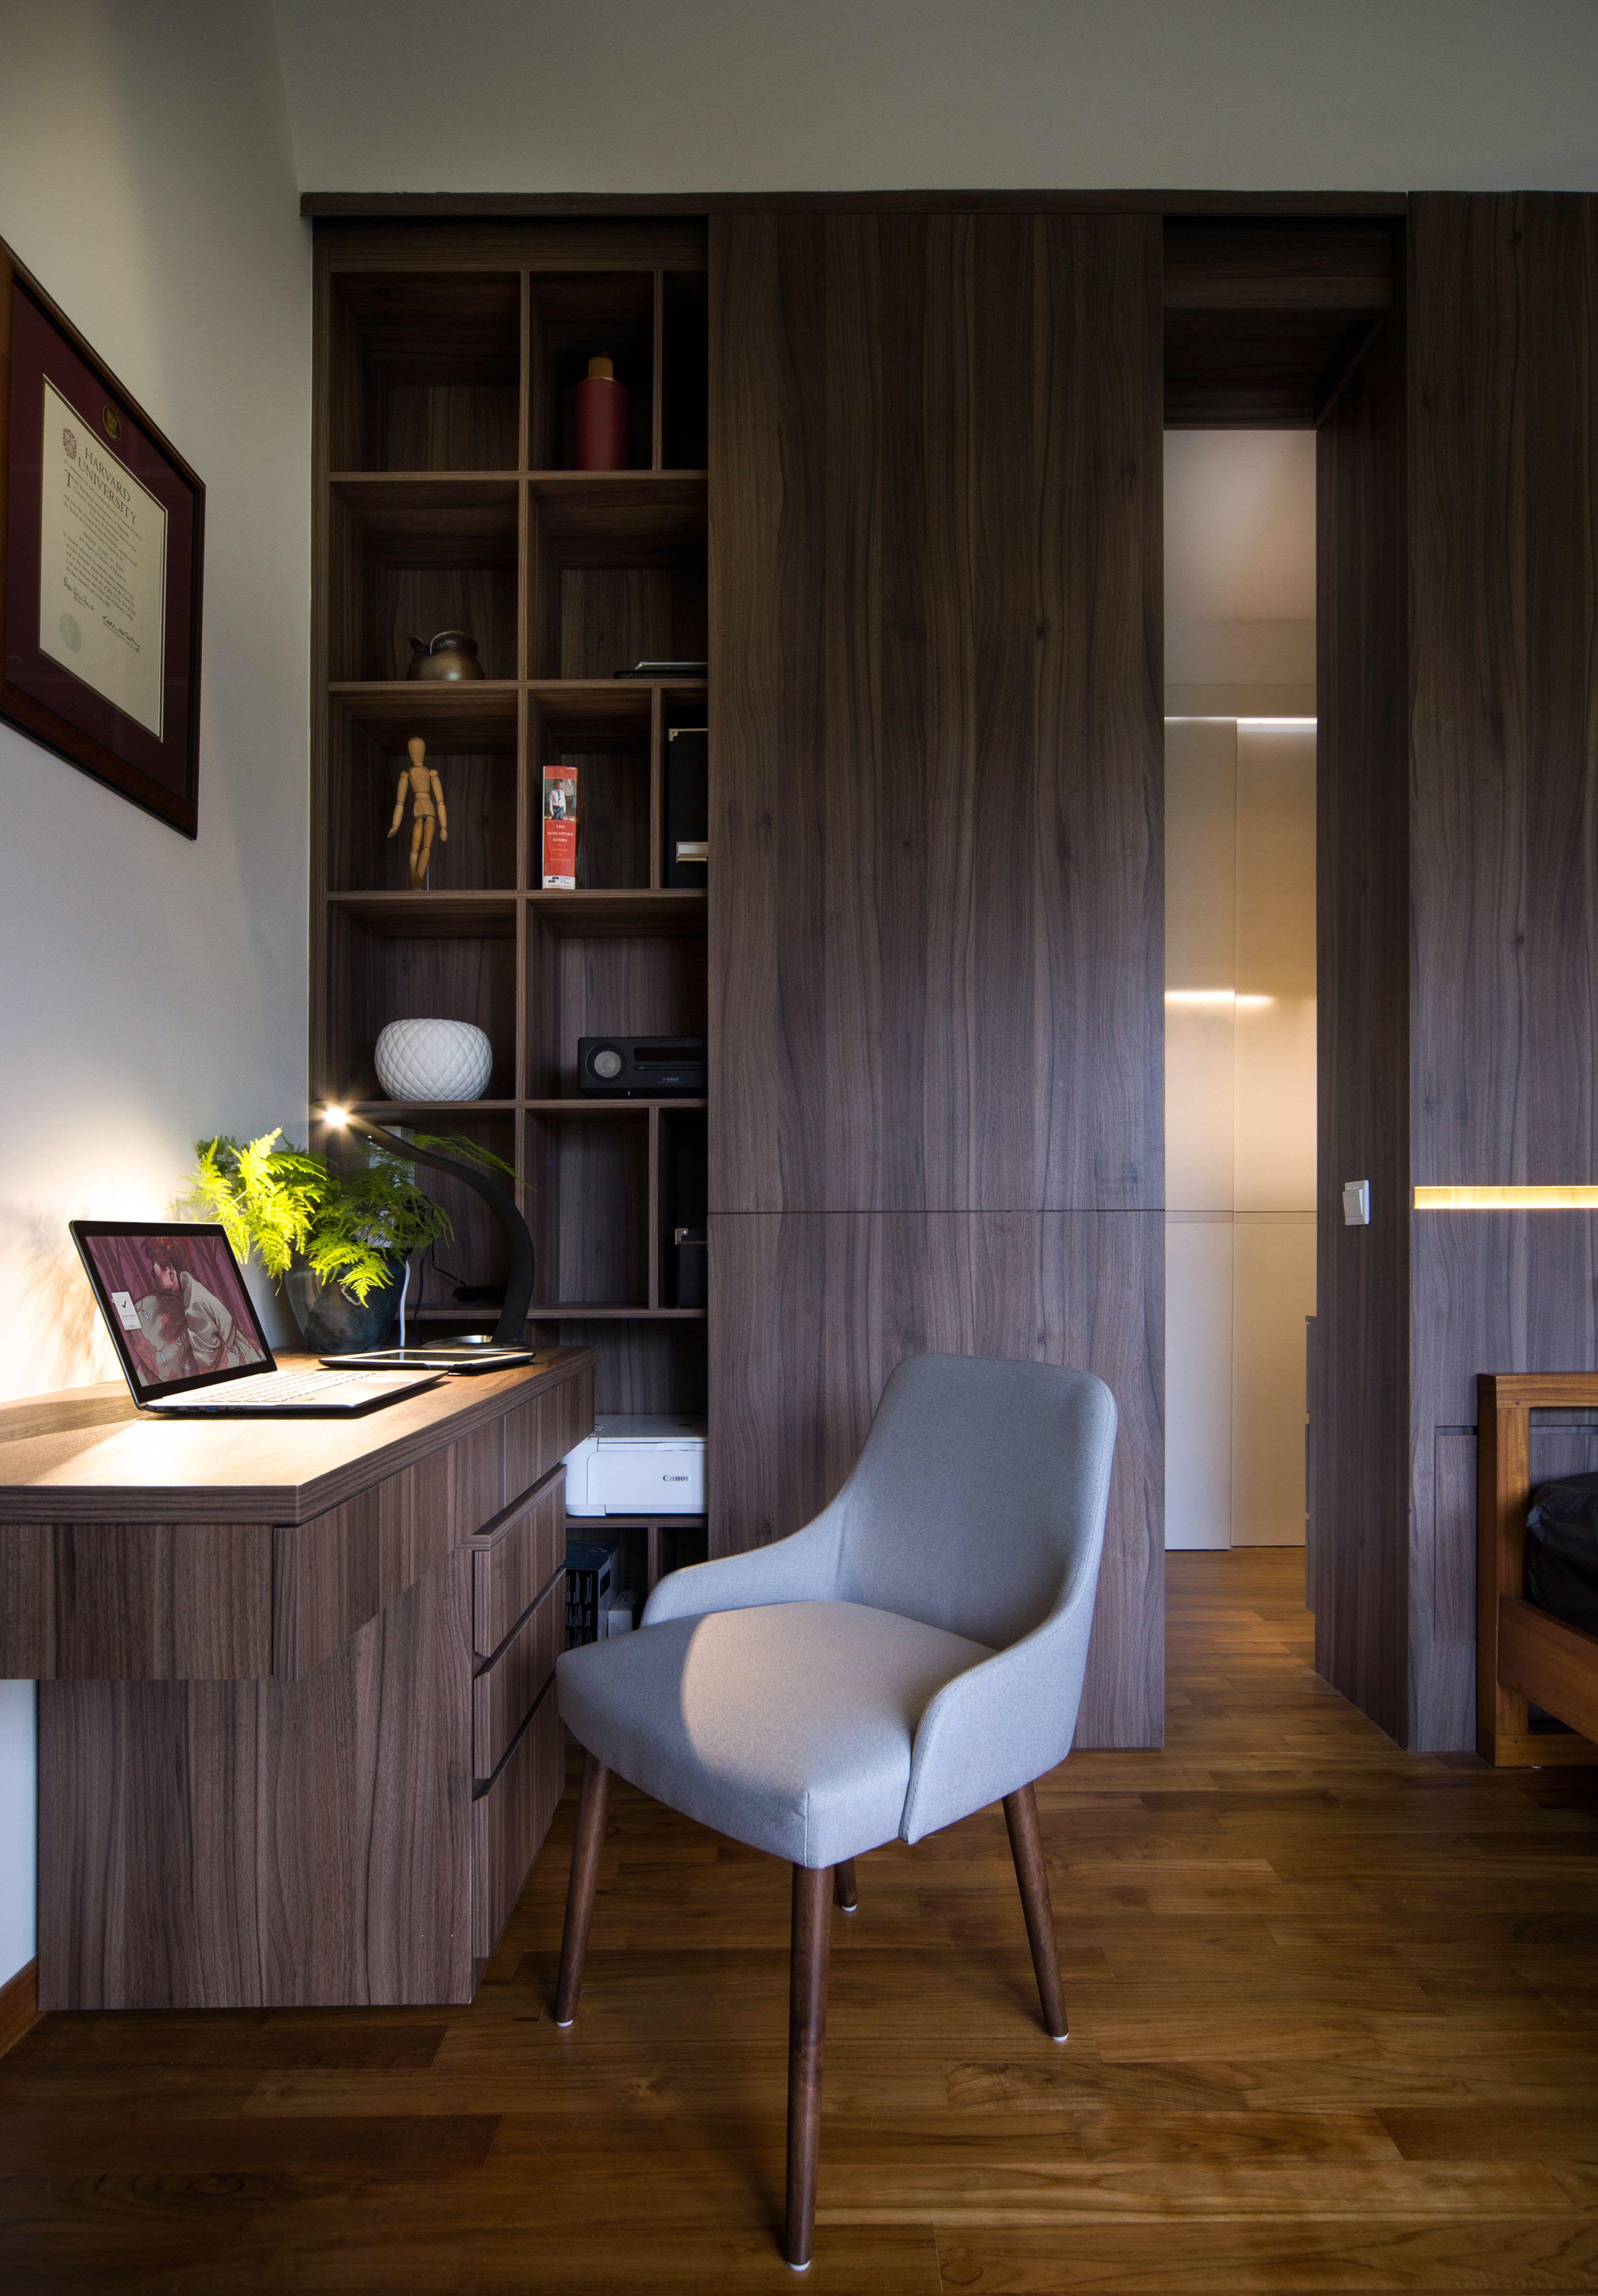 Home On Homeanddecor Com Sg Home Interior Home Decor,Wardrobe Organization Hacks